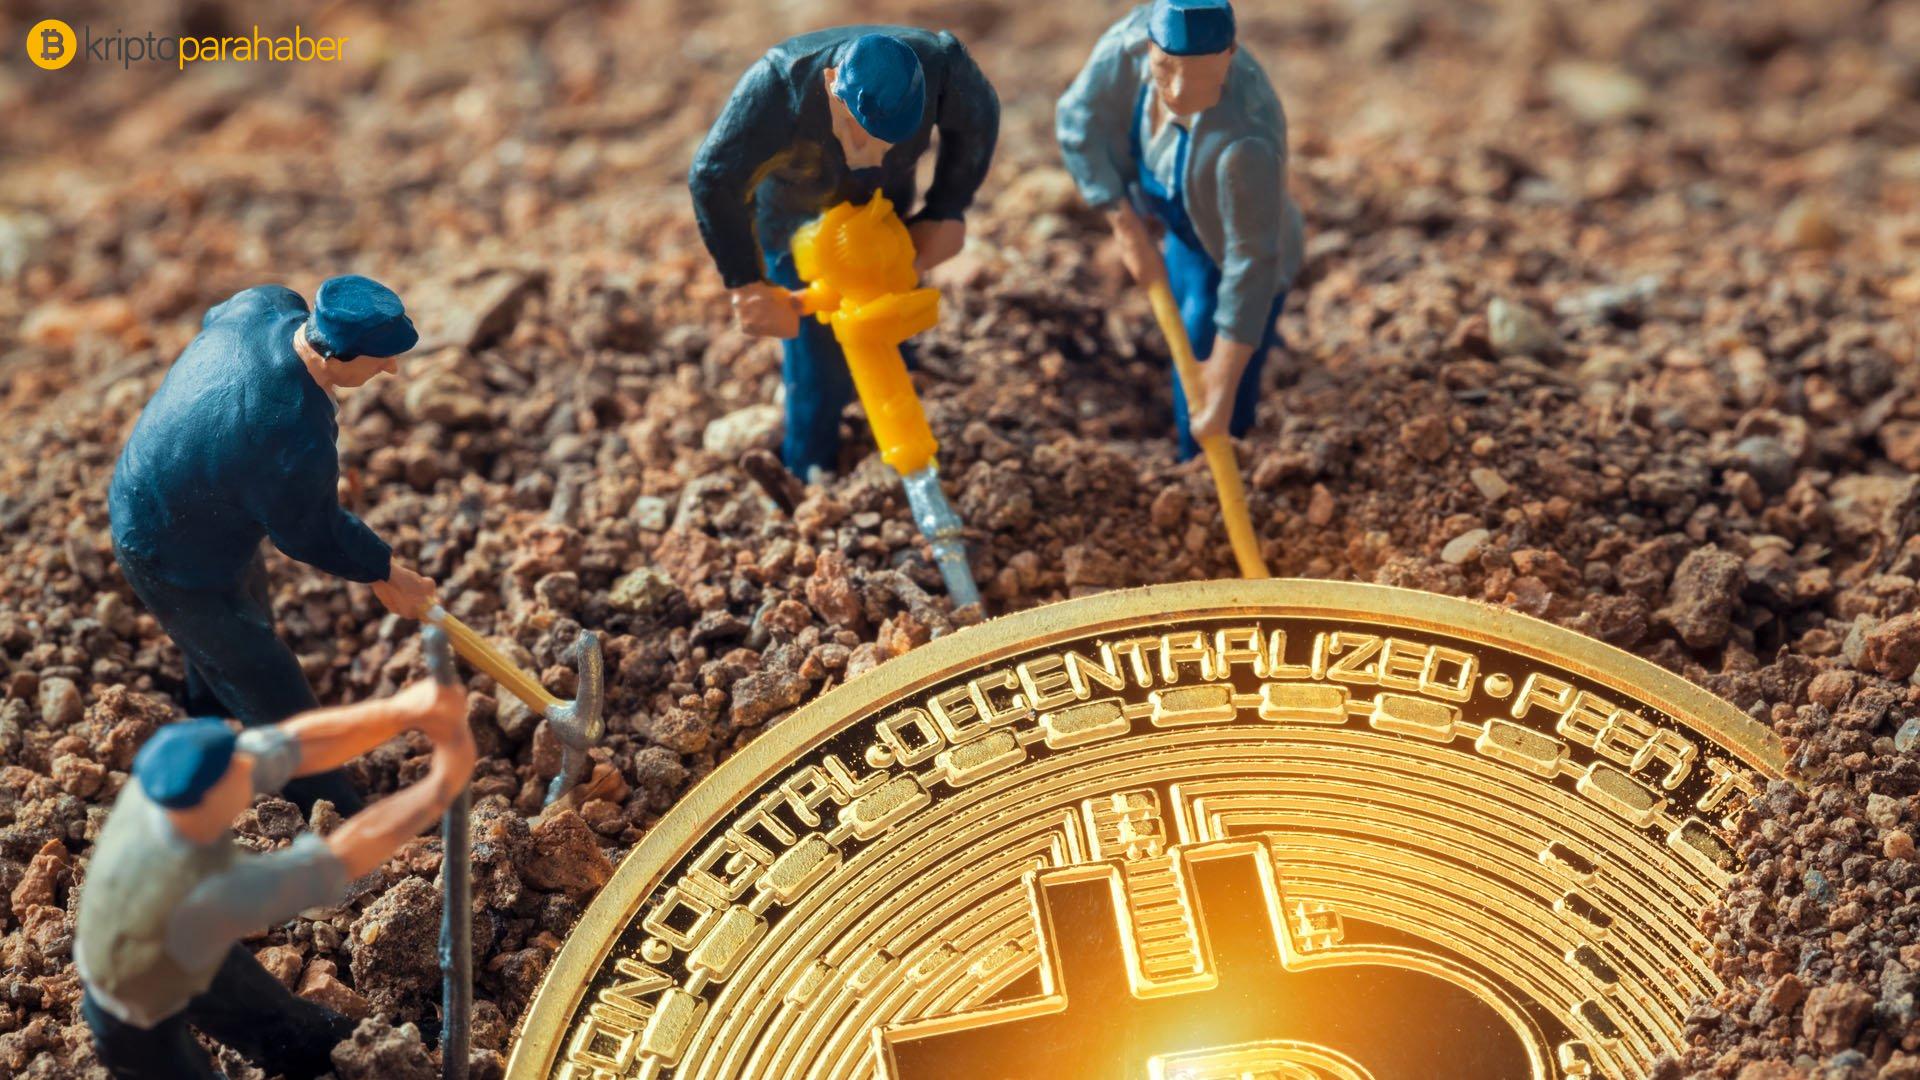 Aylık Bitcoin madenciliği geliri Mart ayında tüm zamanların en yüksek seviyesine ulaştı